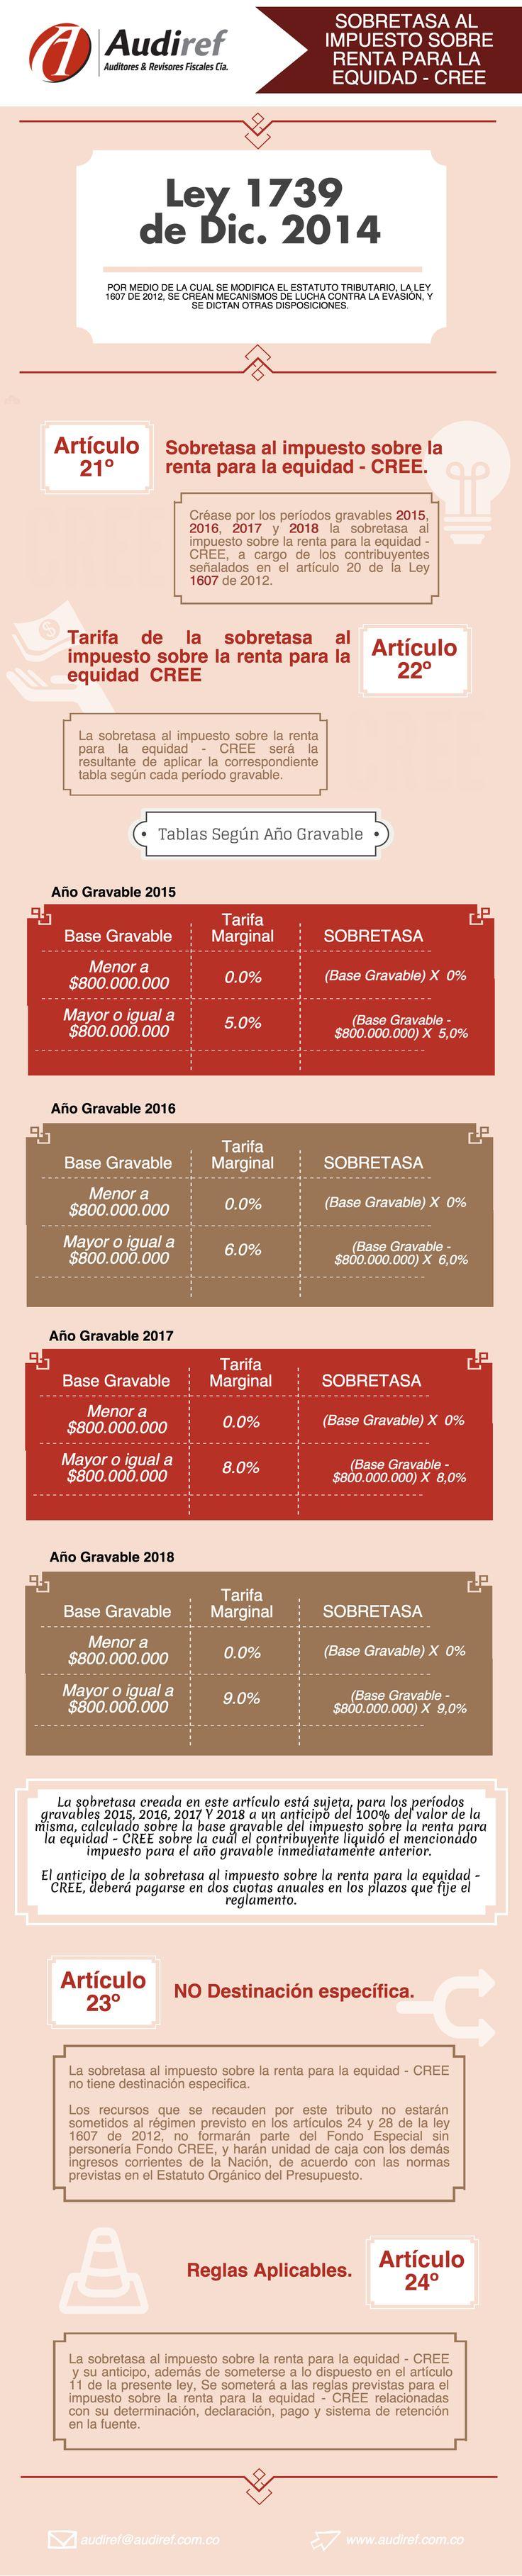 Sobretasa al Impuesto sobre la Renta para la Equidad - CREE